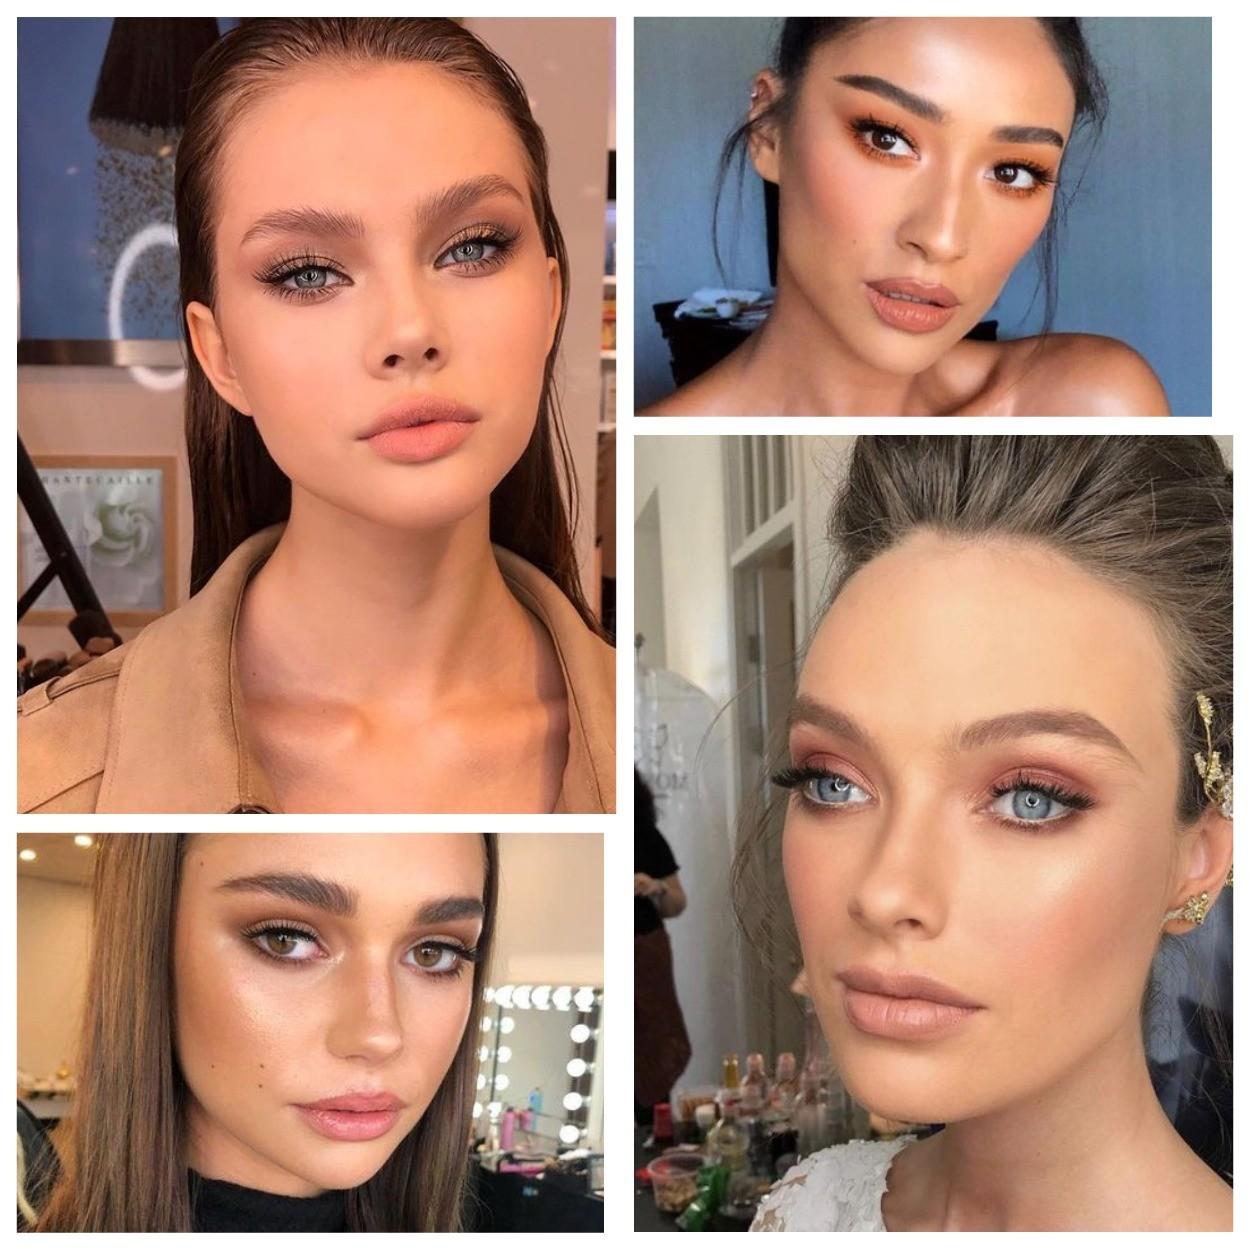 Шкільний бал 2019: який макіяж вибрати на випускний